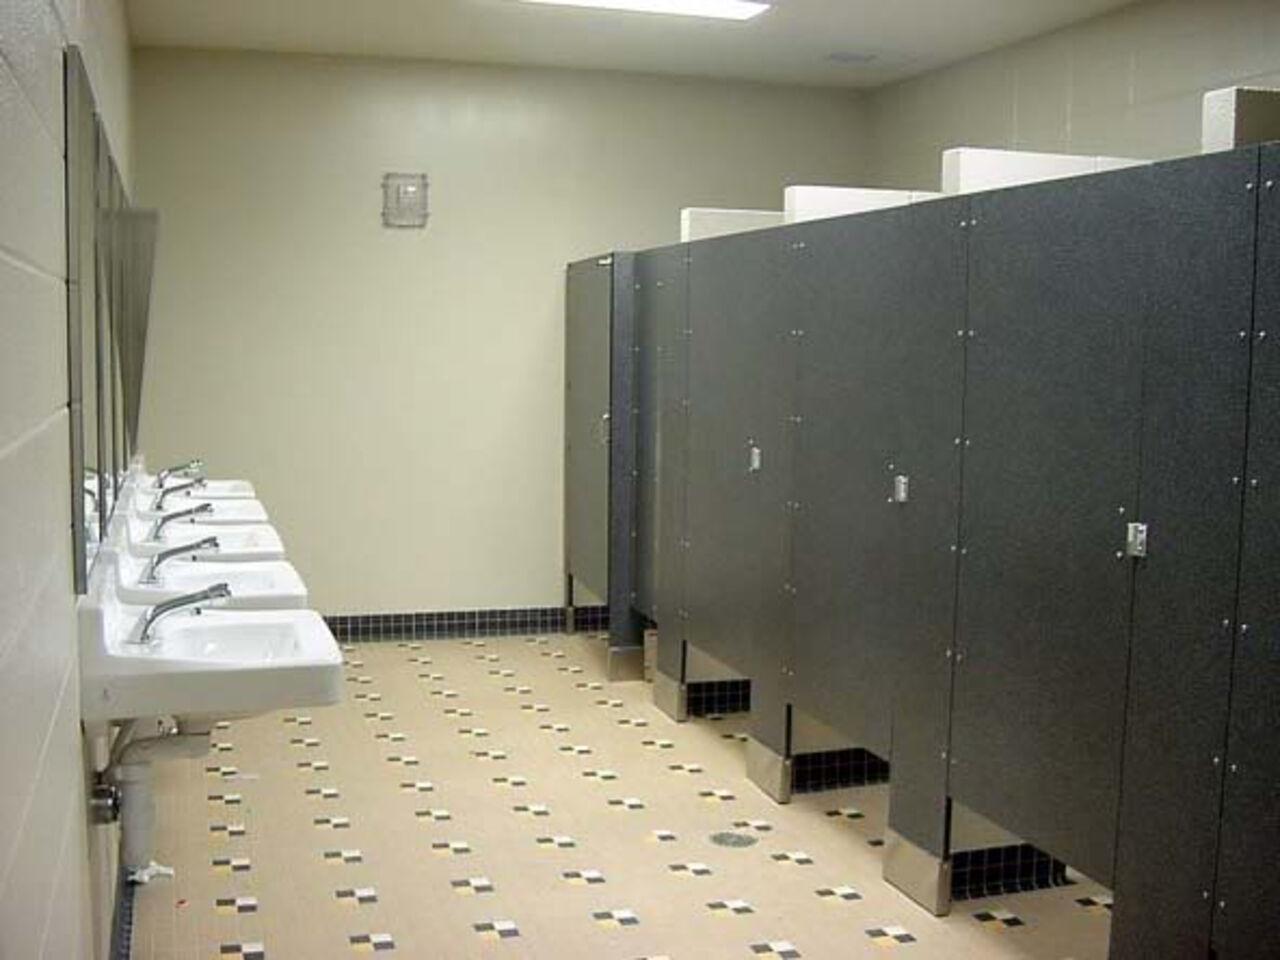 Смотреть женский туалем медецинском училище онлаин 24 фотография